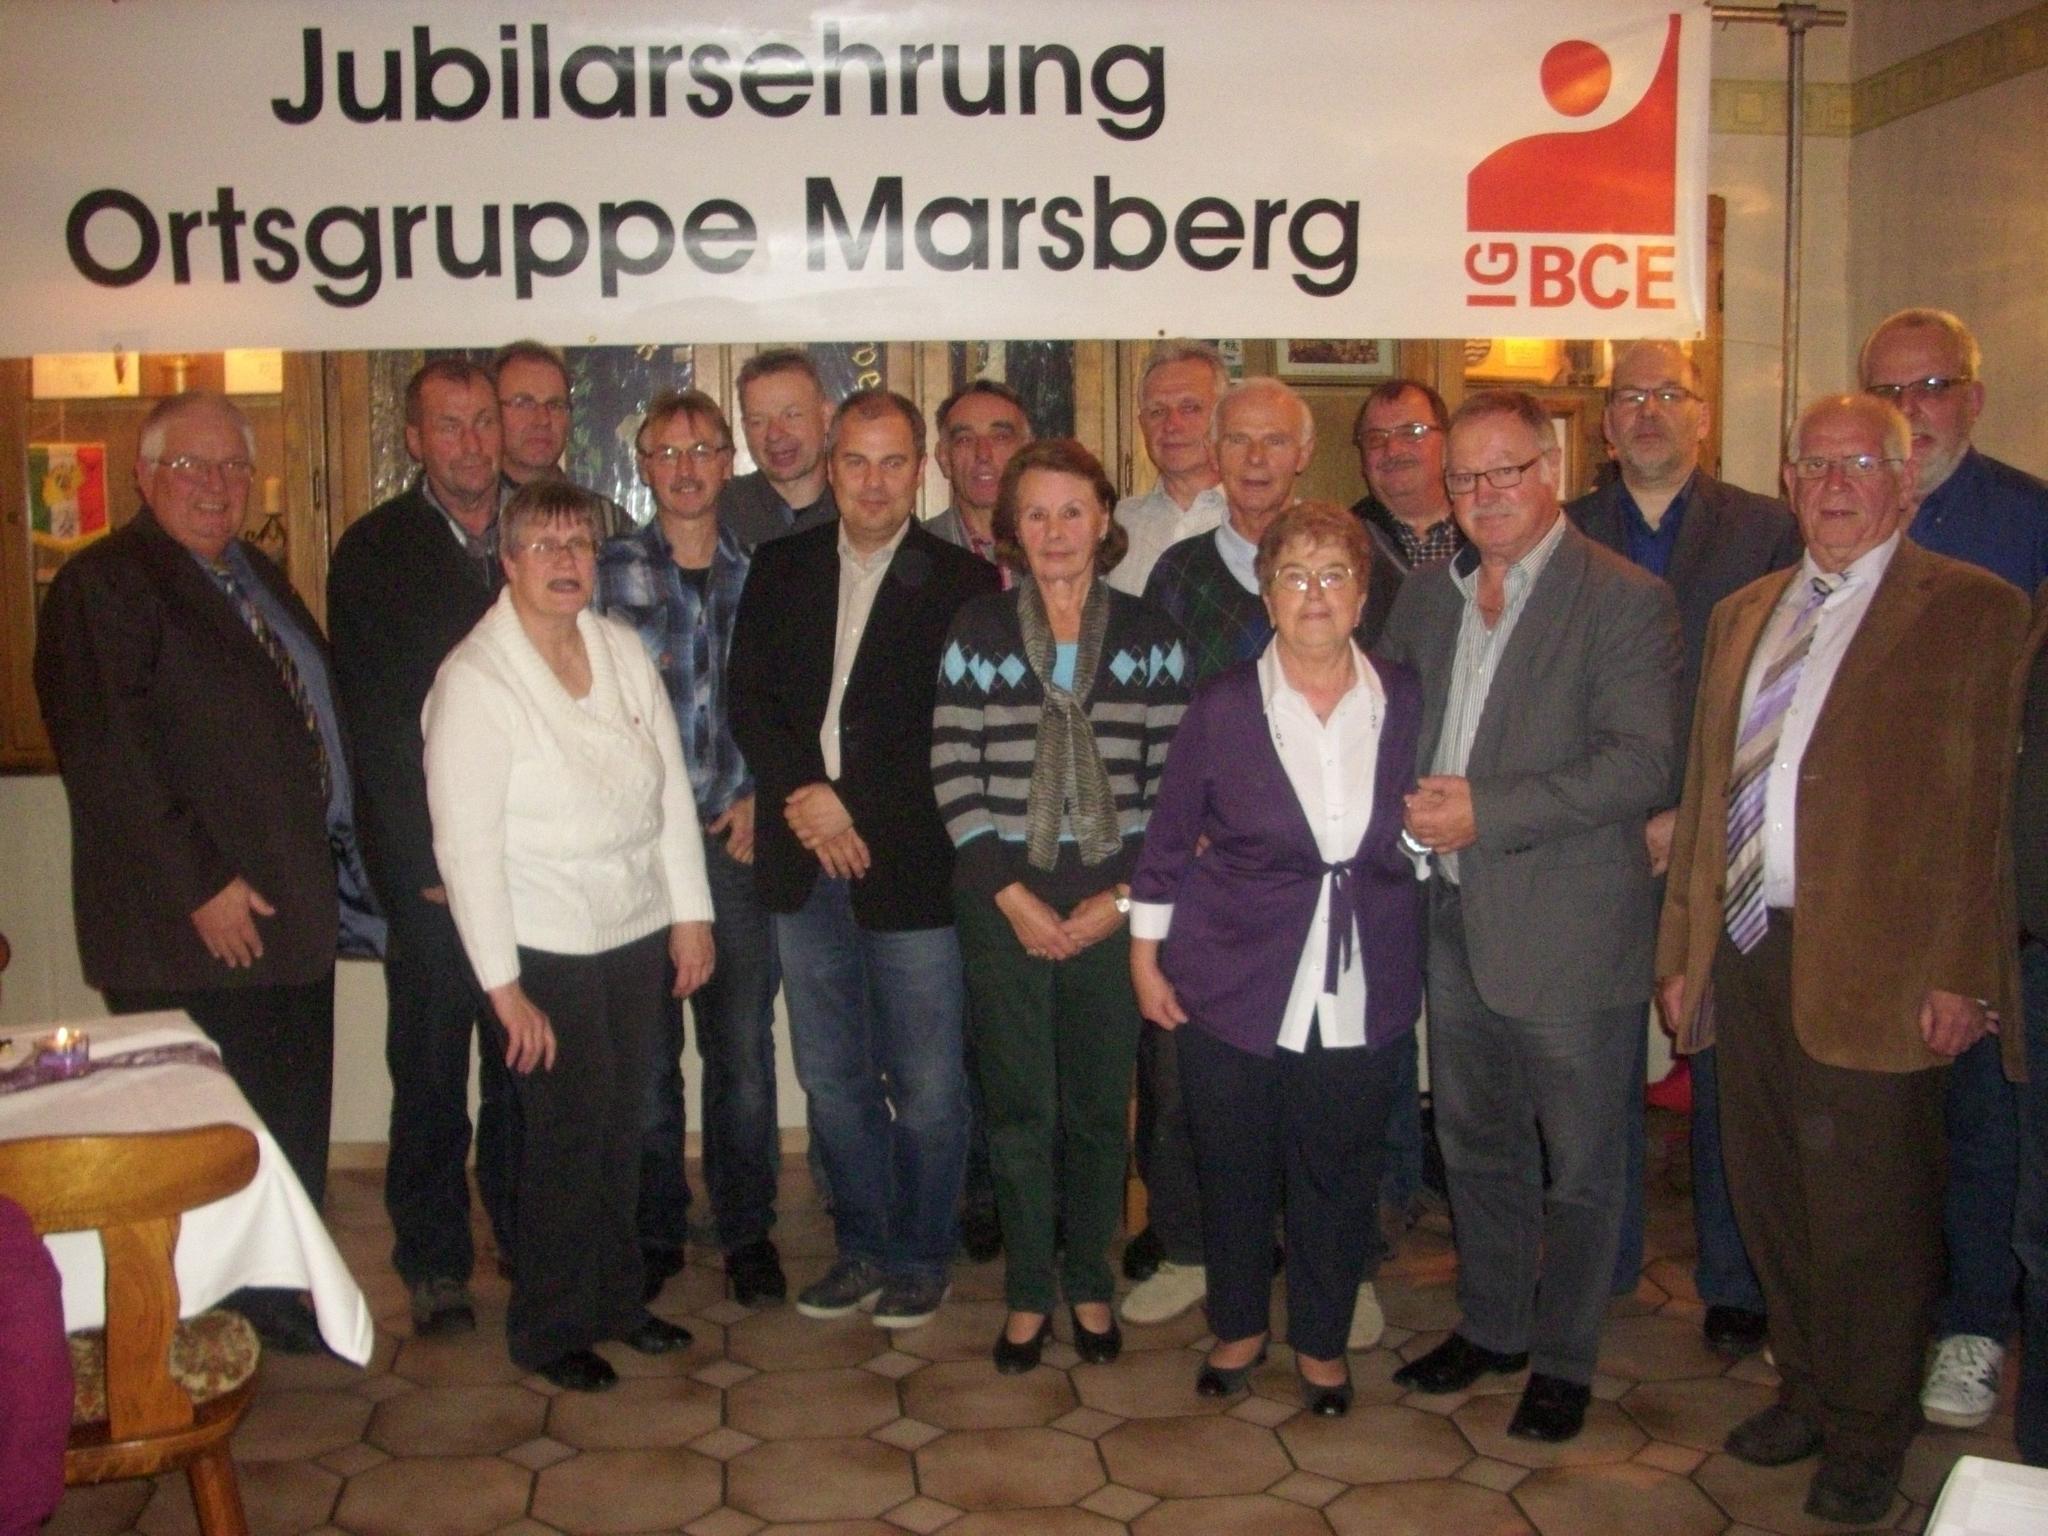 IG BCE Ortsgruppe Marsberg ehrt Jubilare